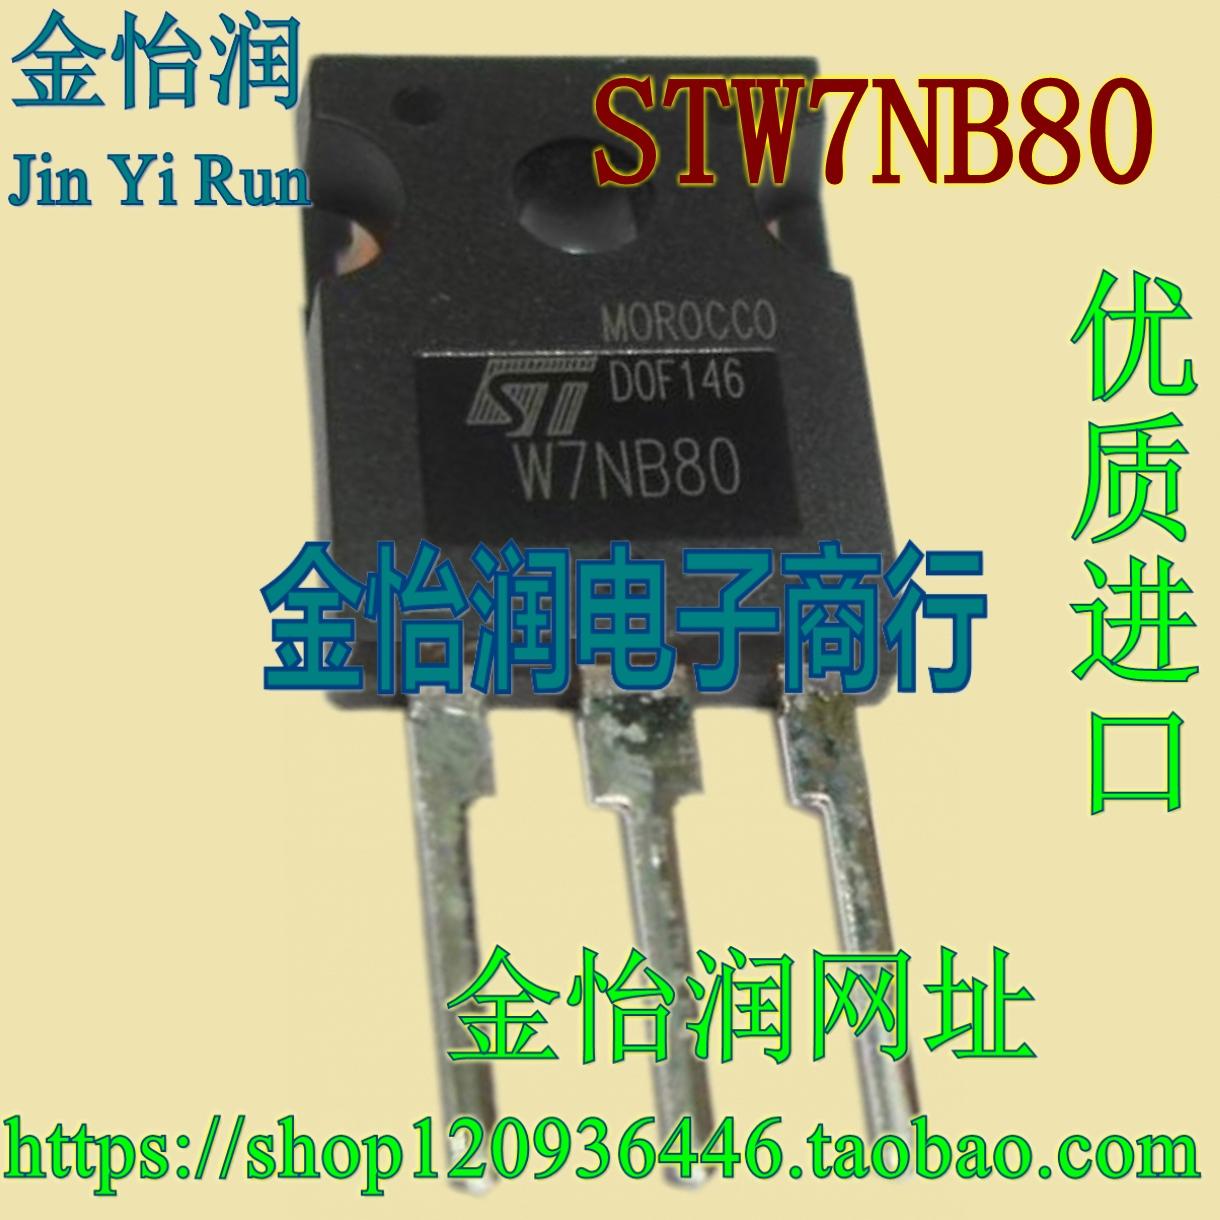 进口全新 W7NB80 STW7NB80 7A 800V 场效应管MOS TO-247